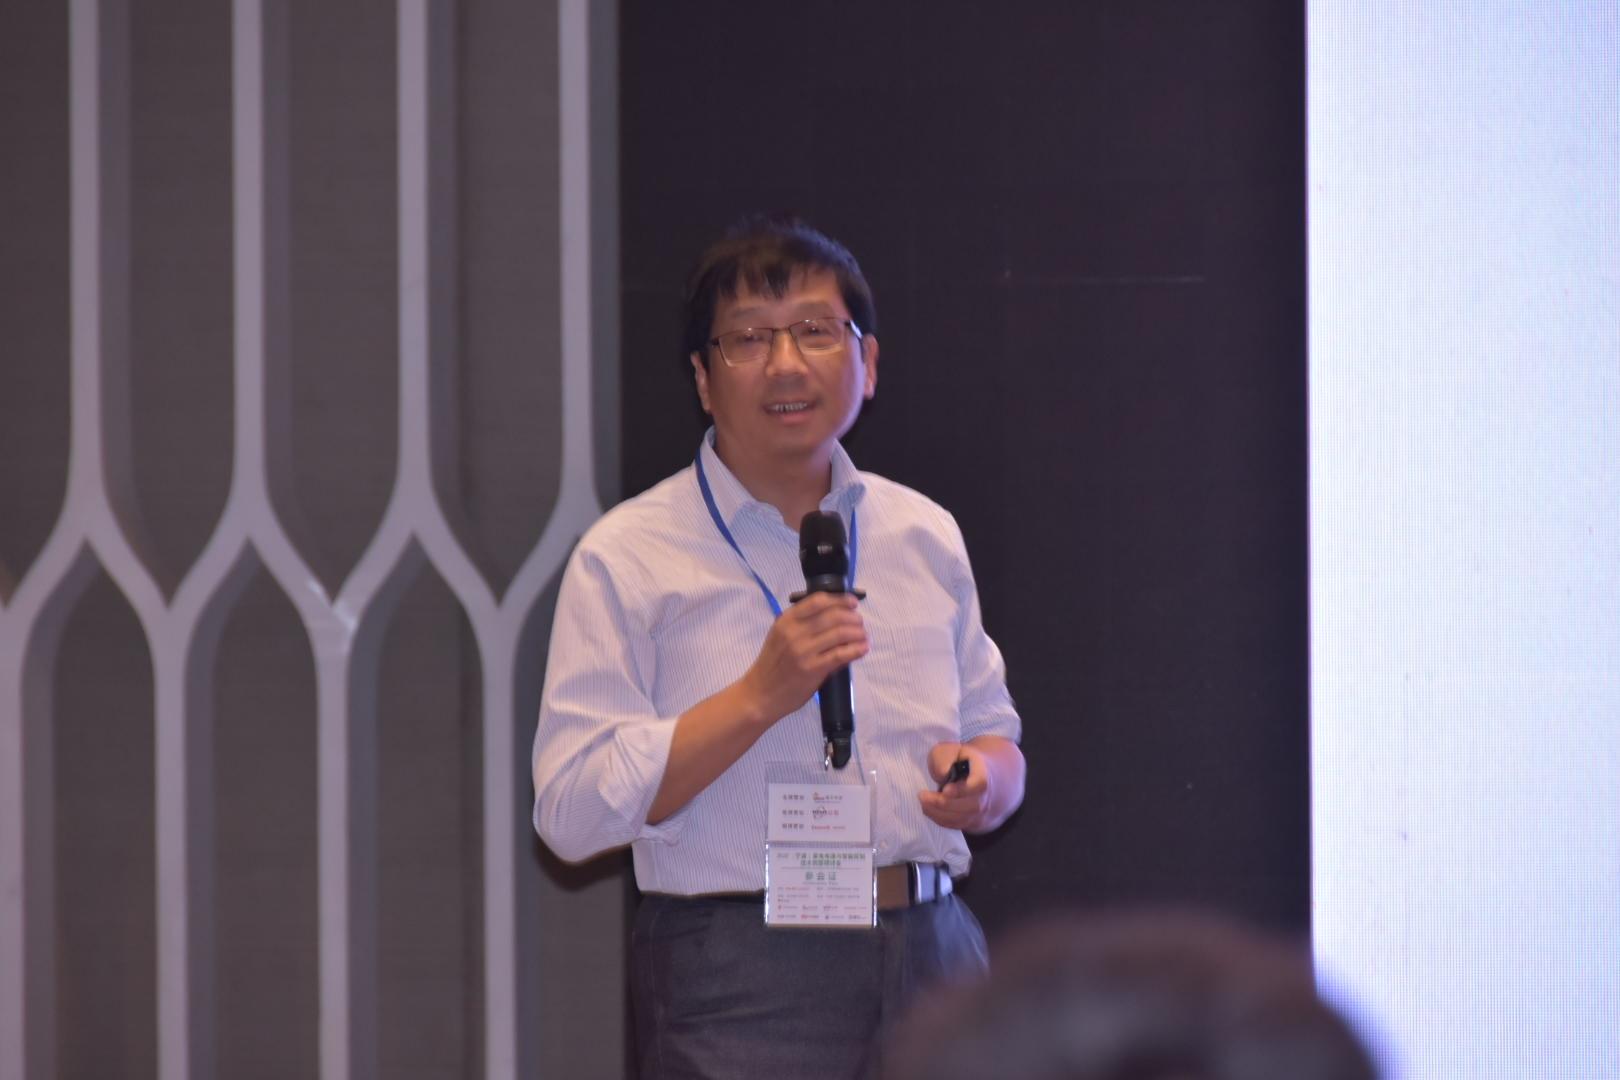 恩宁安全技术(上海)总工程师 徐强华